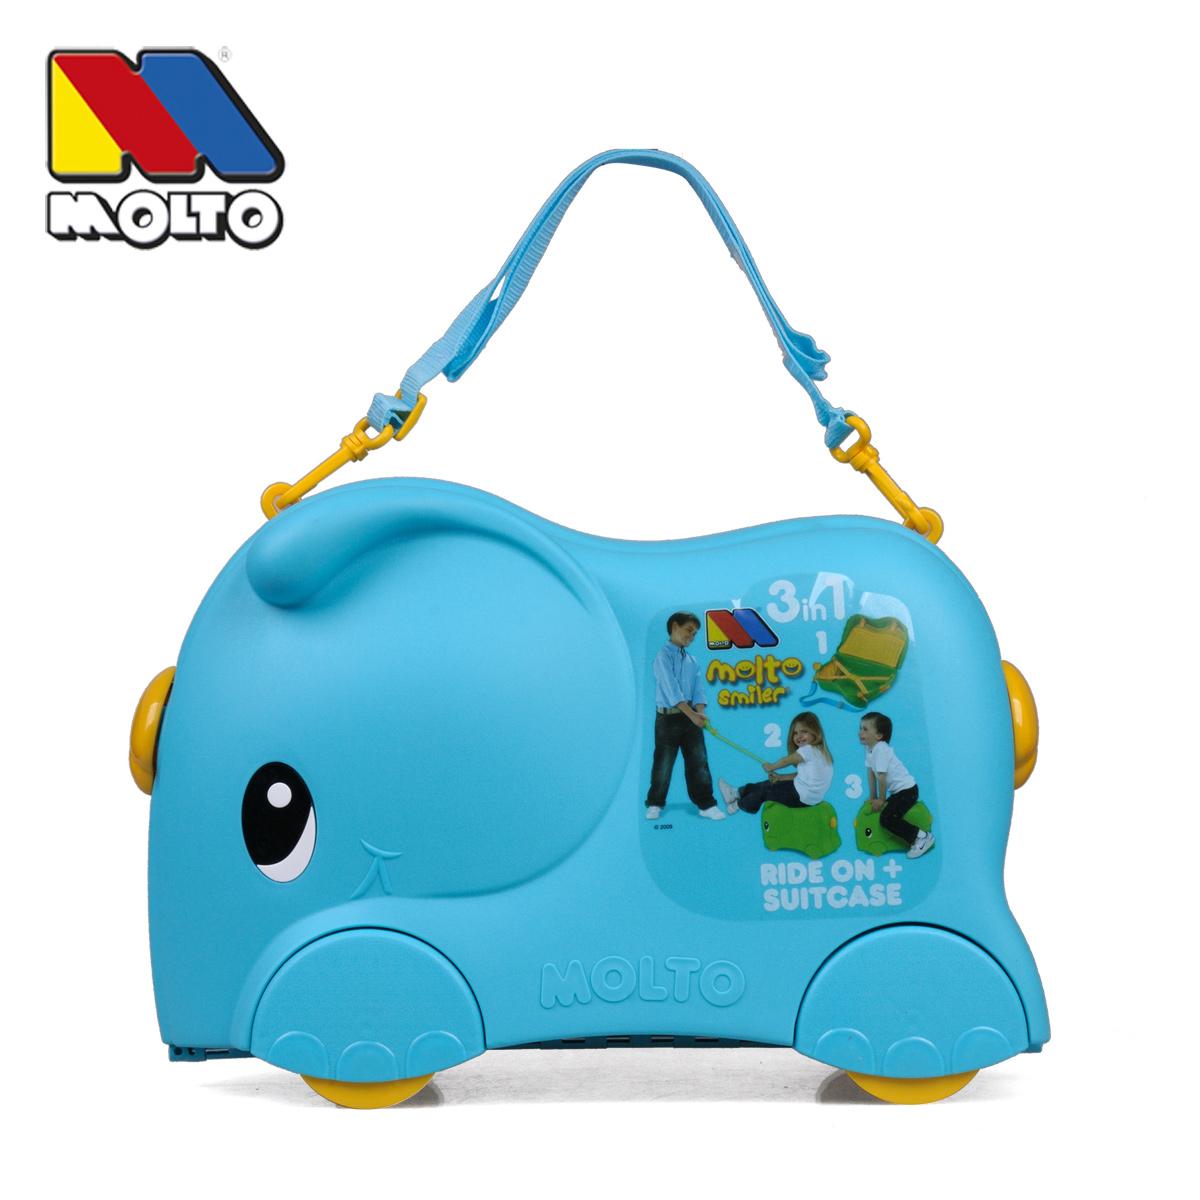 MOLTO美特 儿童行李箱三色(粉红色、橙色、蓝色)可爱儿童旅行箱 可坐可骑玩 优质选材100%全新材料(ABS+PP)稳定性更好;定向轮更省力,一般只是拉而不是推,儿童安全有保障;大厂出品,质量保证工艺精湛;看是小巧,超大容量。